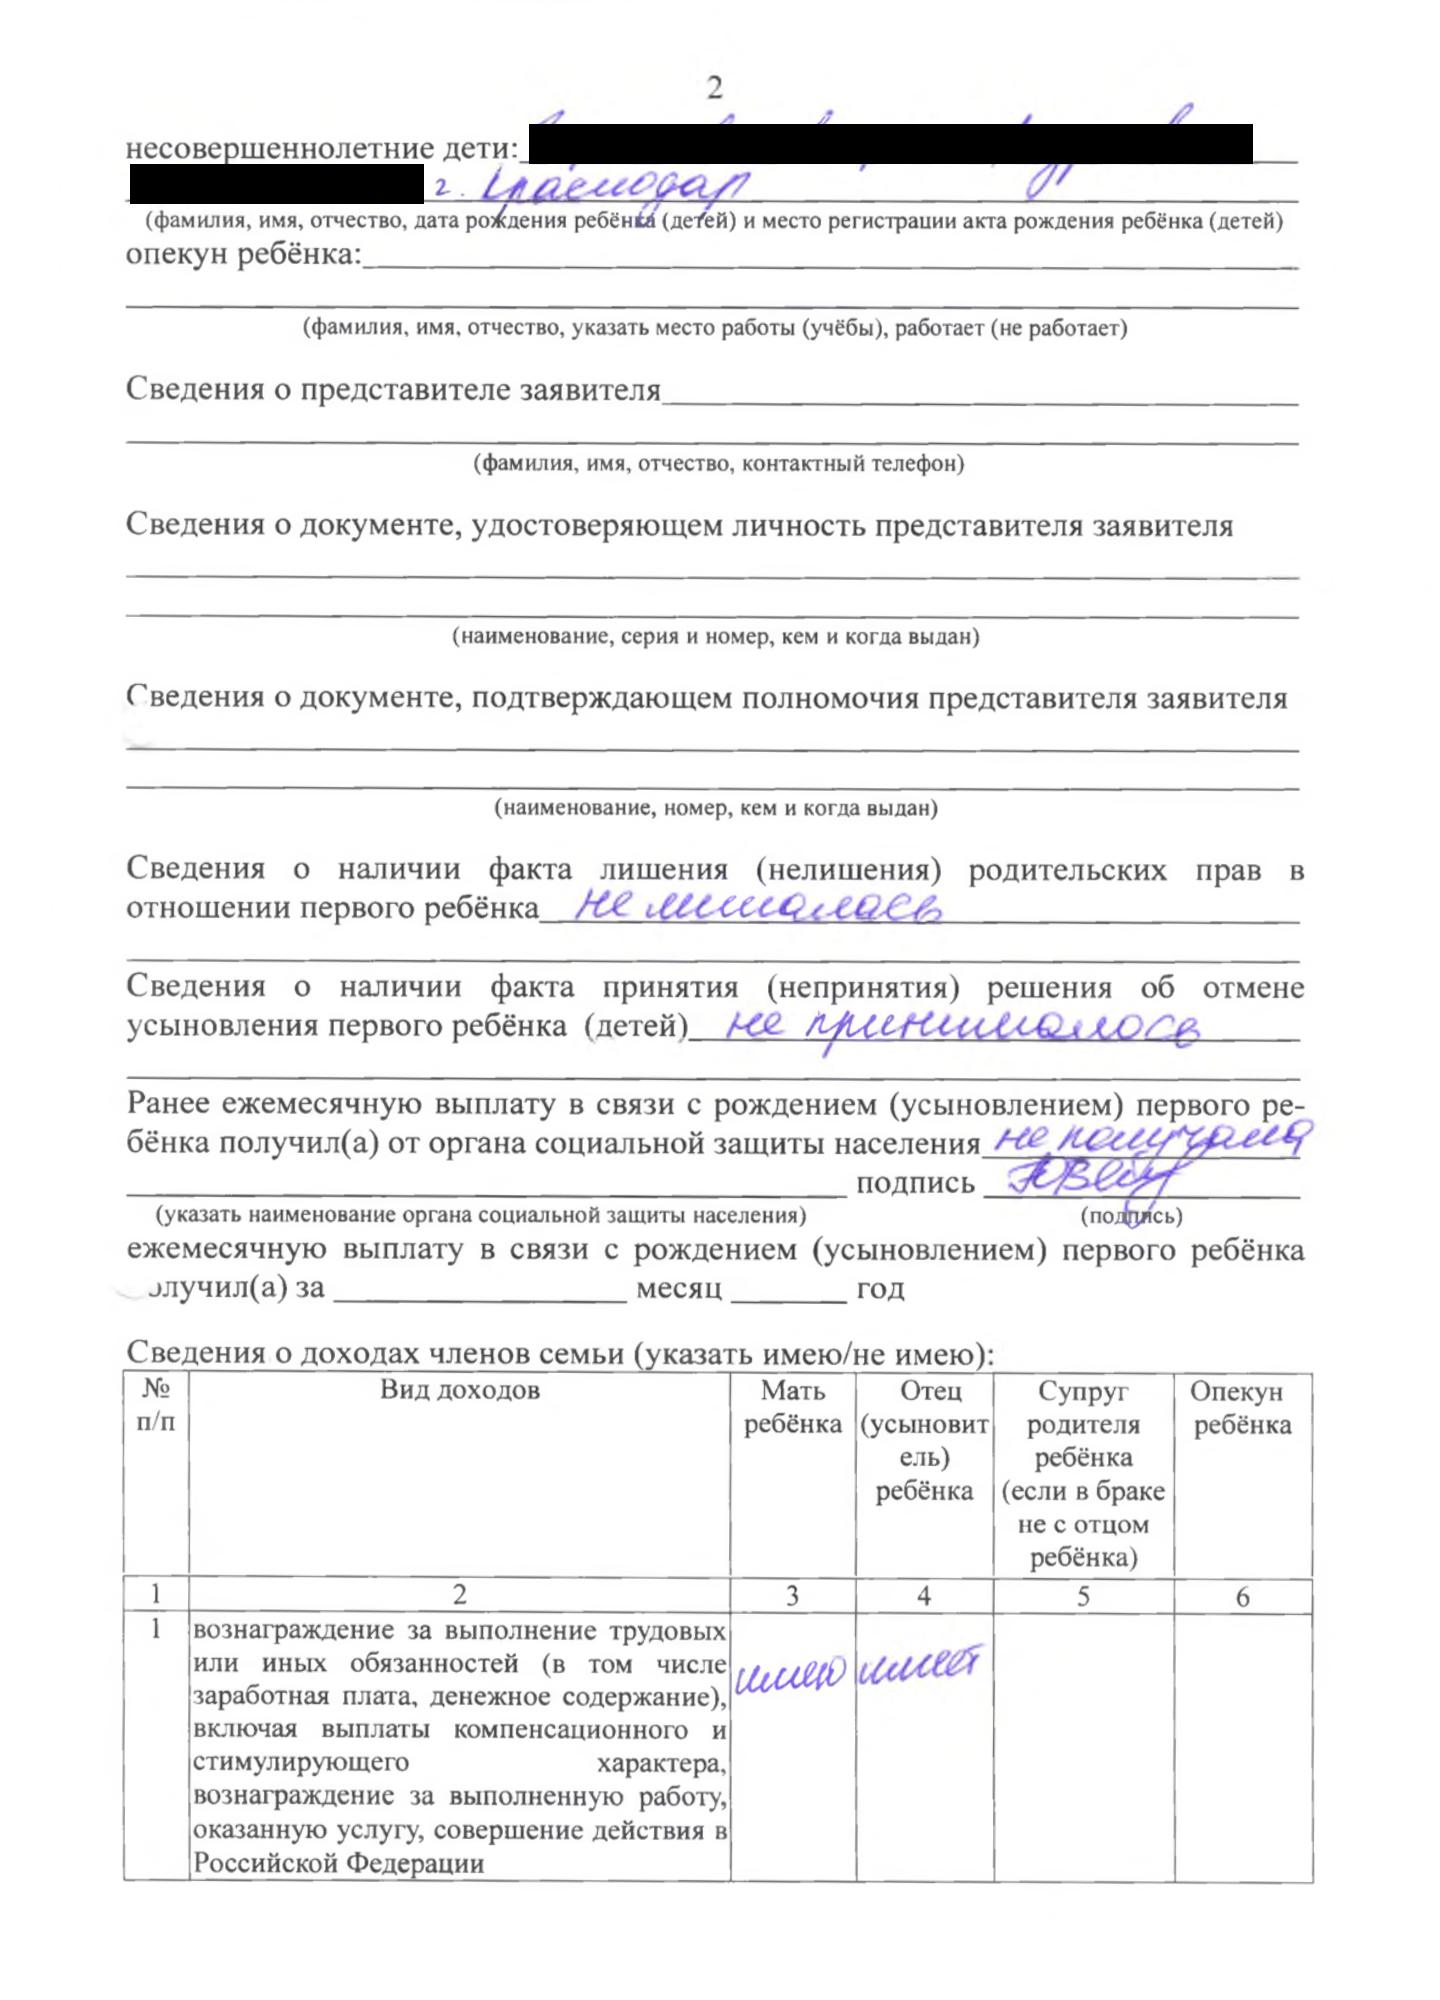 Договор комисии по реализации билеттов